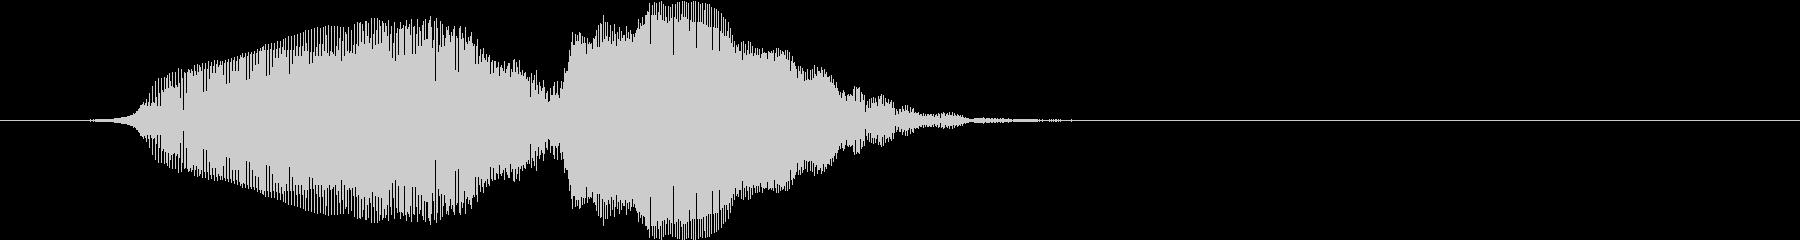 パフパフラッパ03の未再生の波形